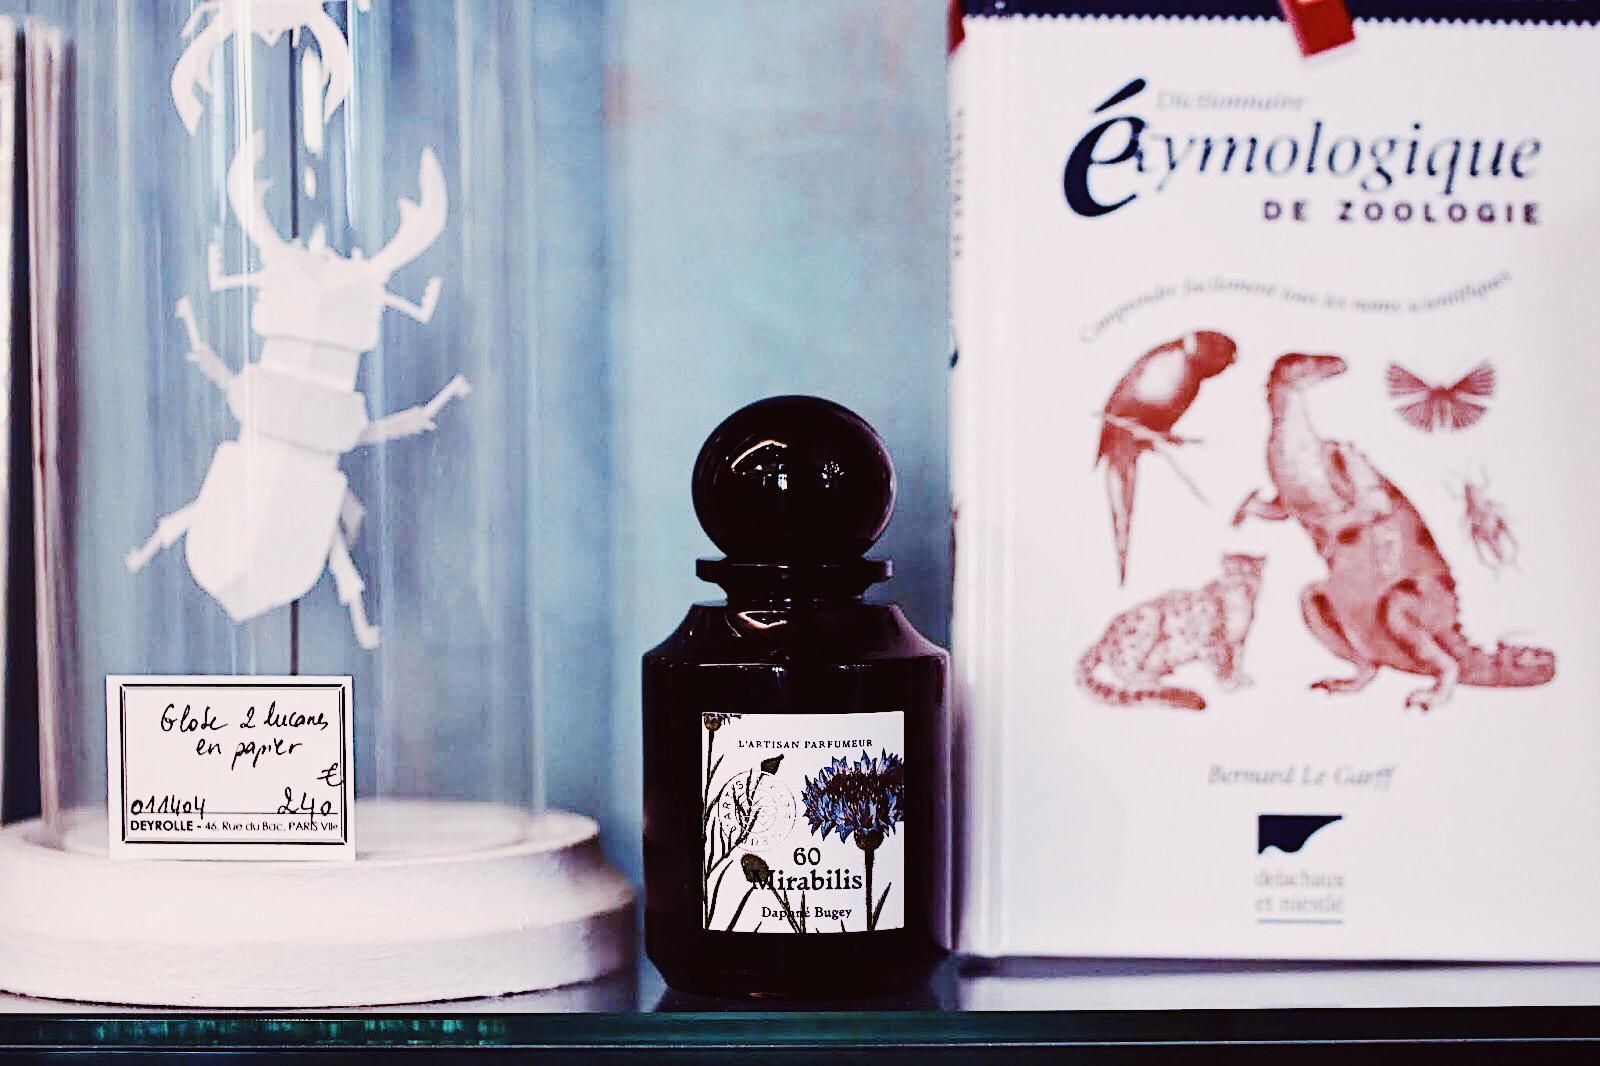 l'artisan parfumeur deyrolle collection la botanique mirabilis 60 avis test